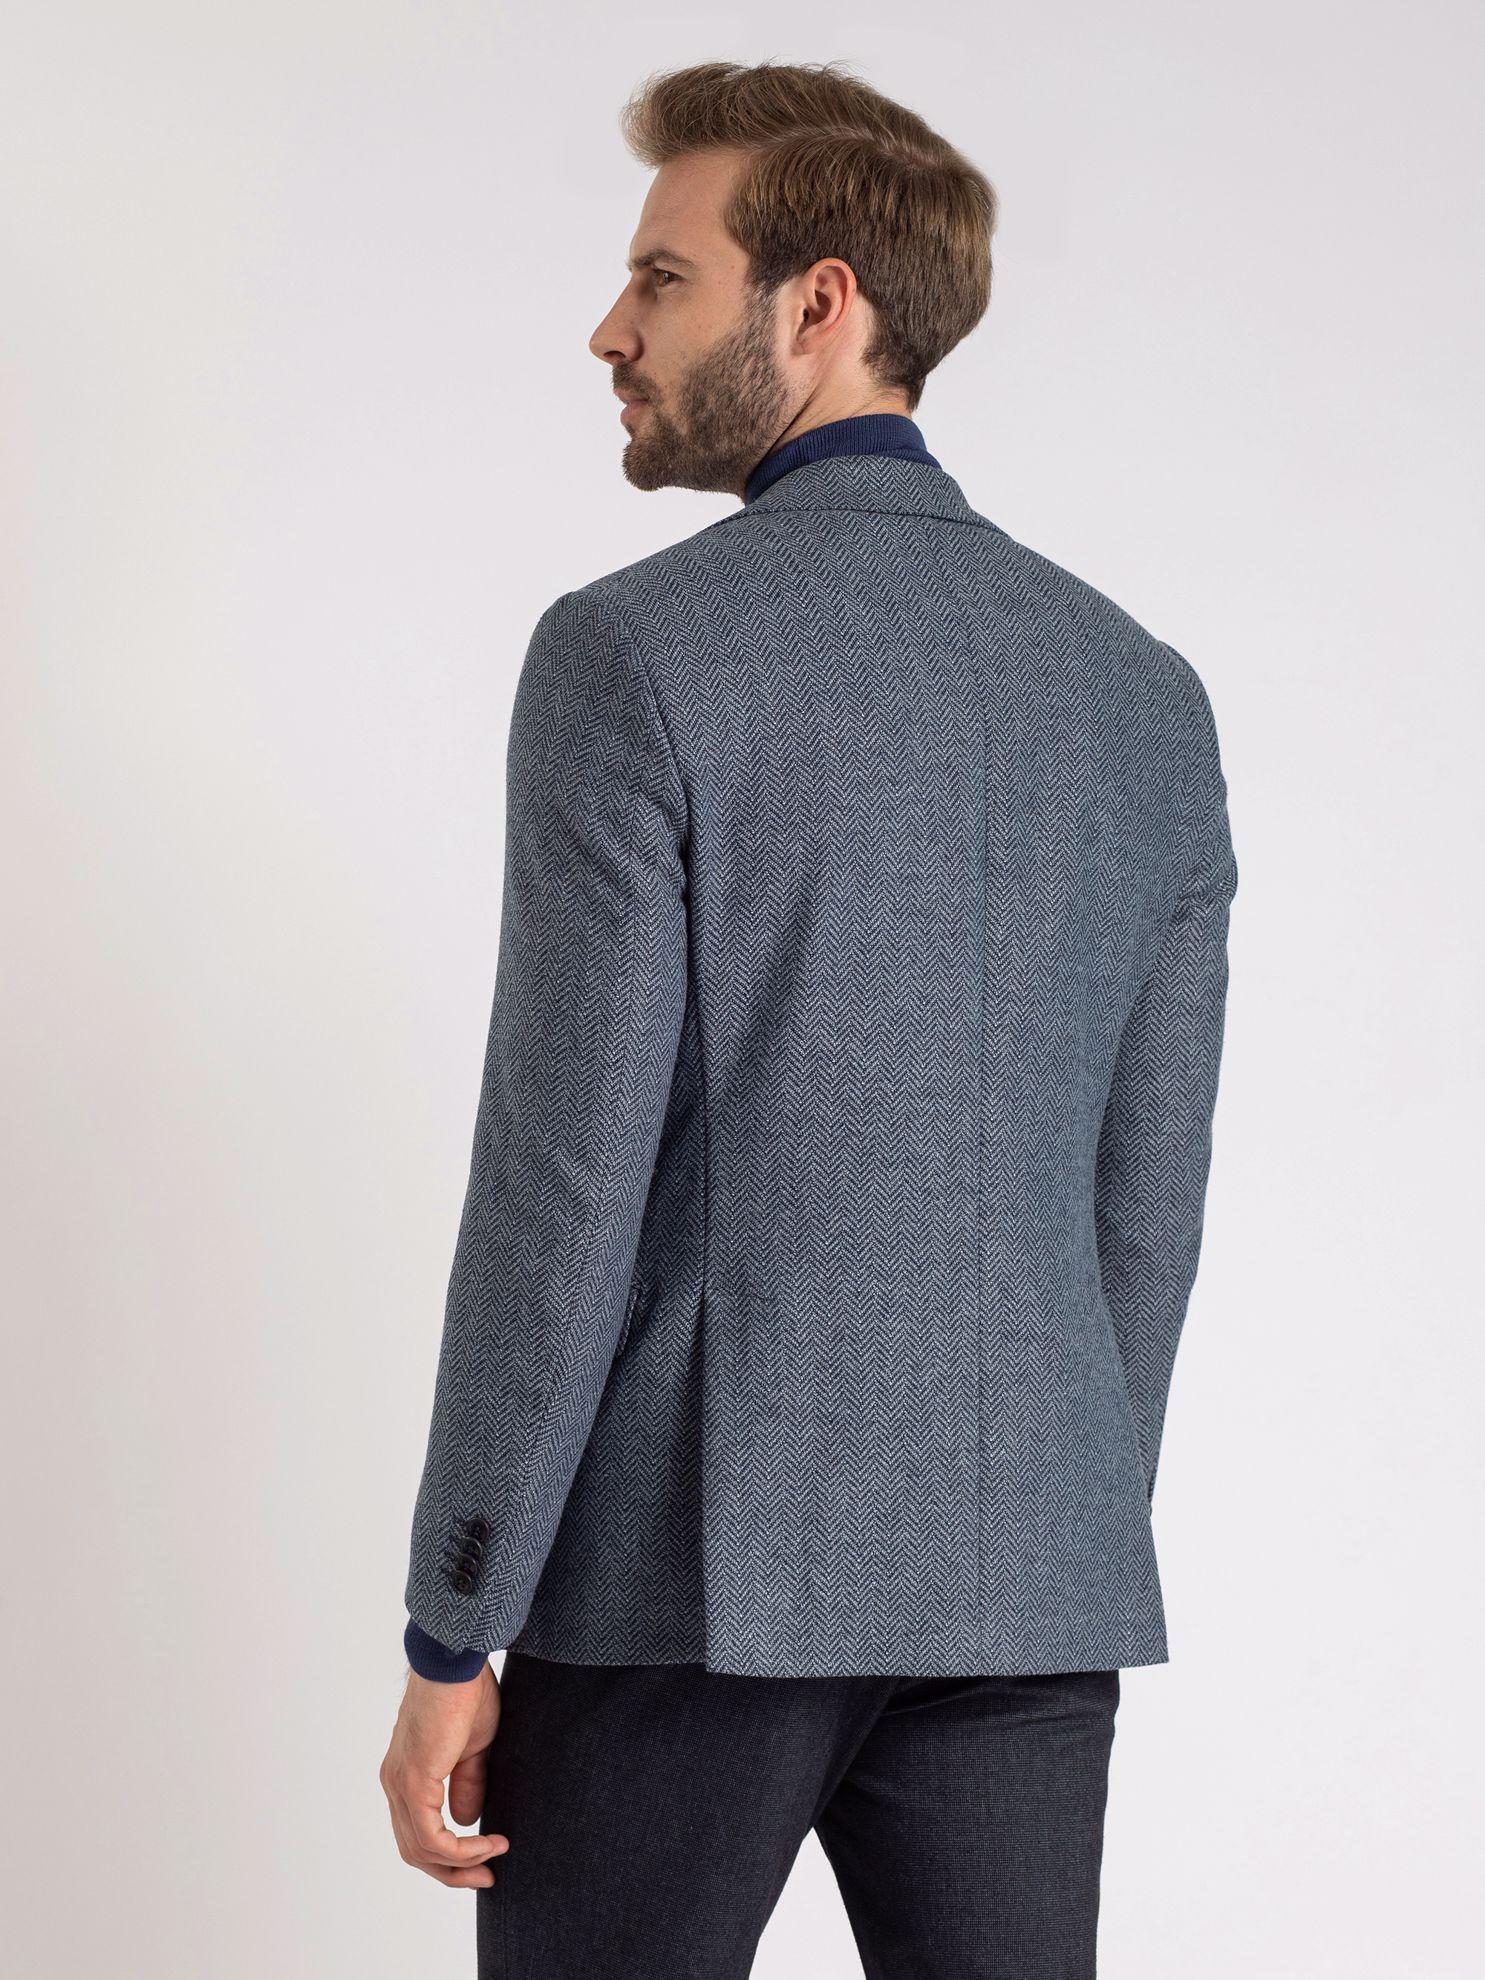 Karaca Erkek 6 Drop Ceket-Mavi. ürün görseli